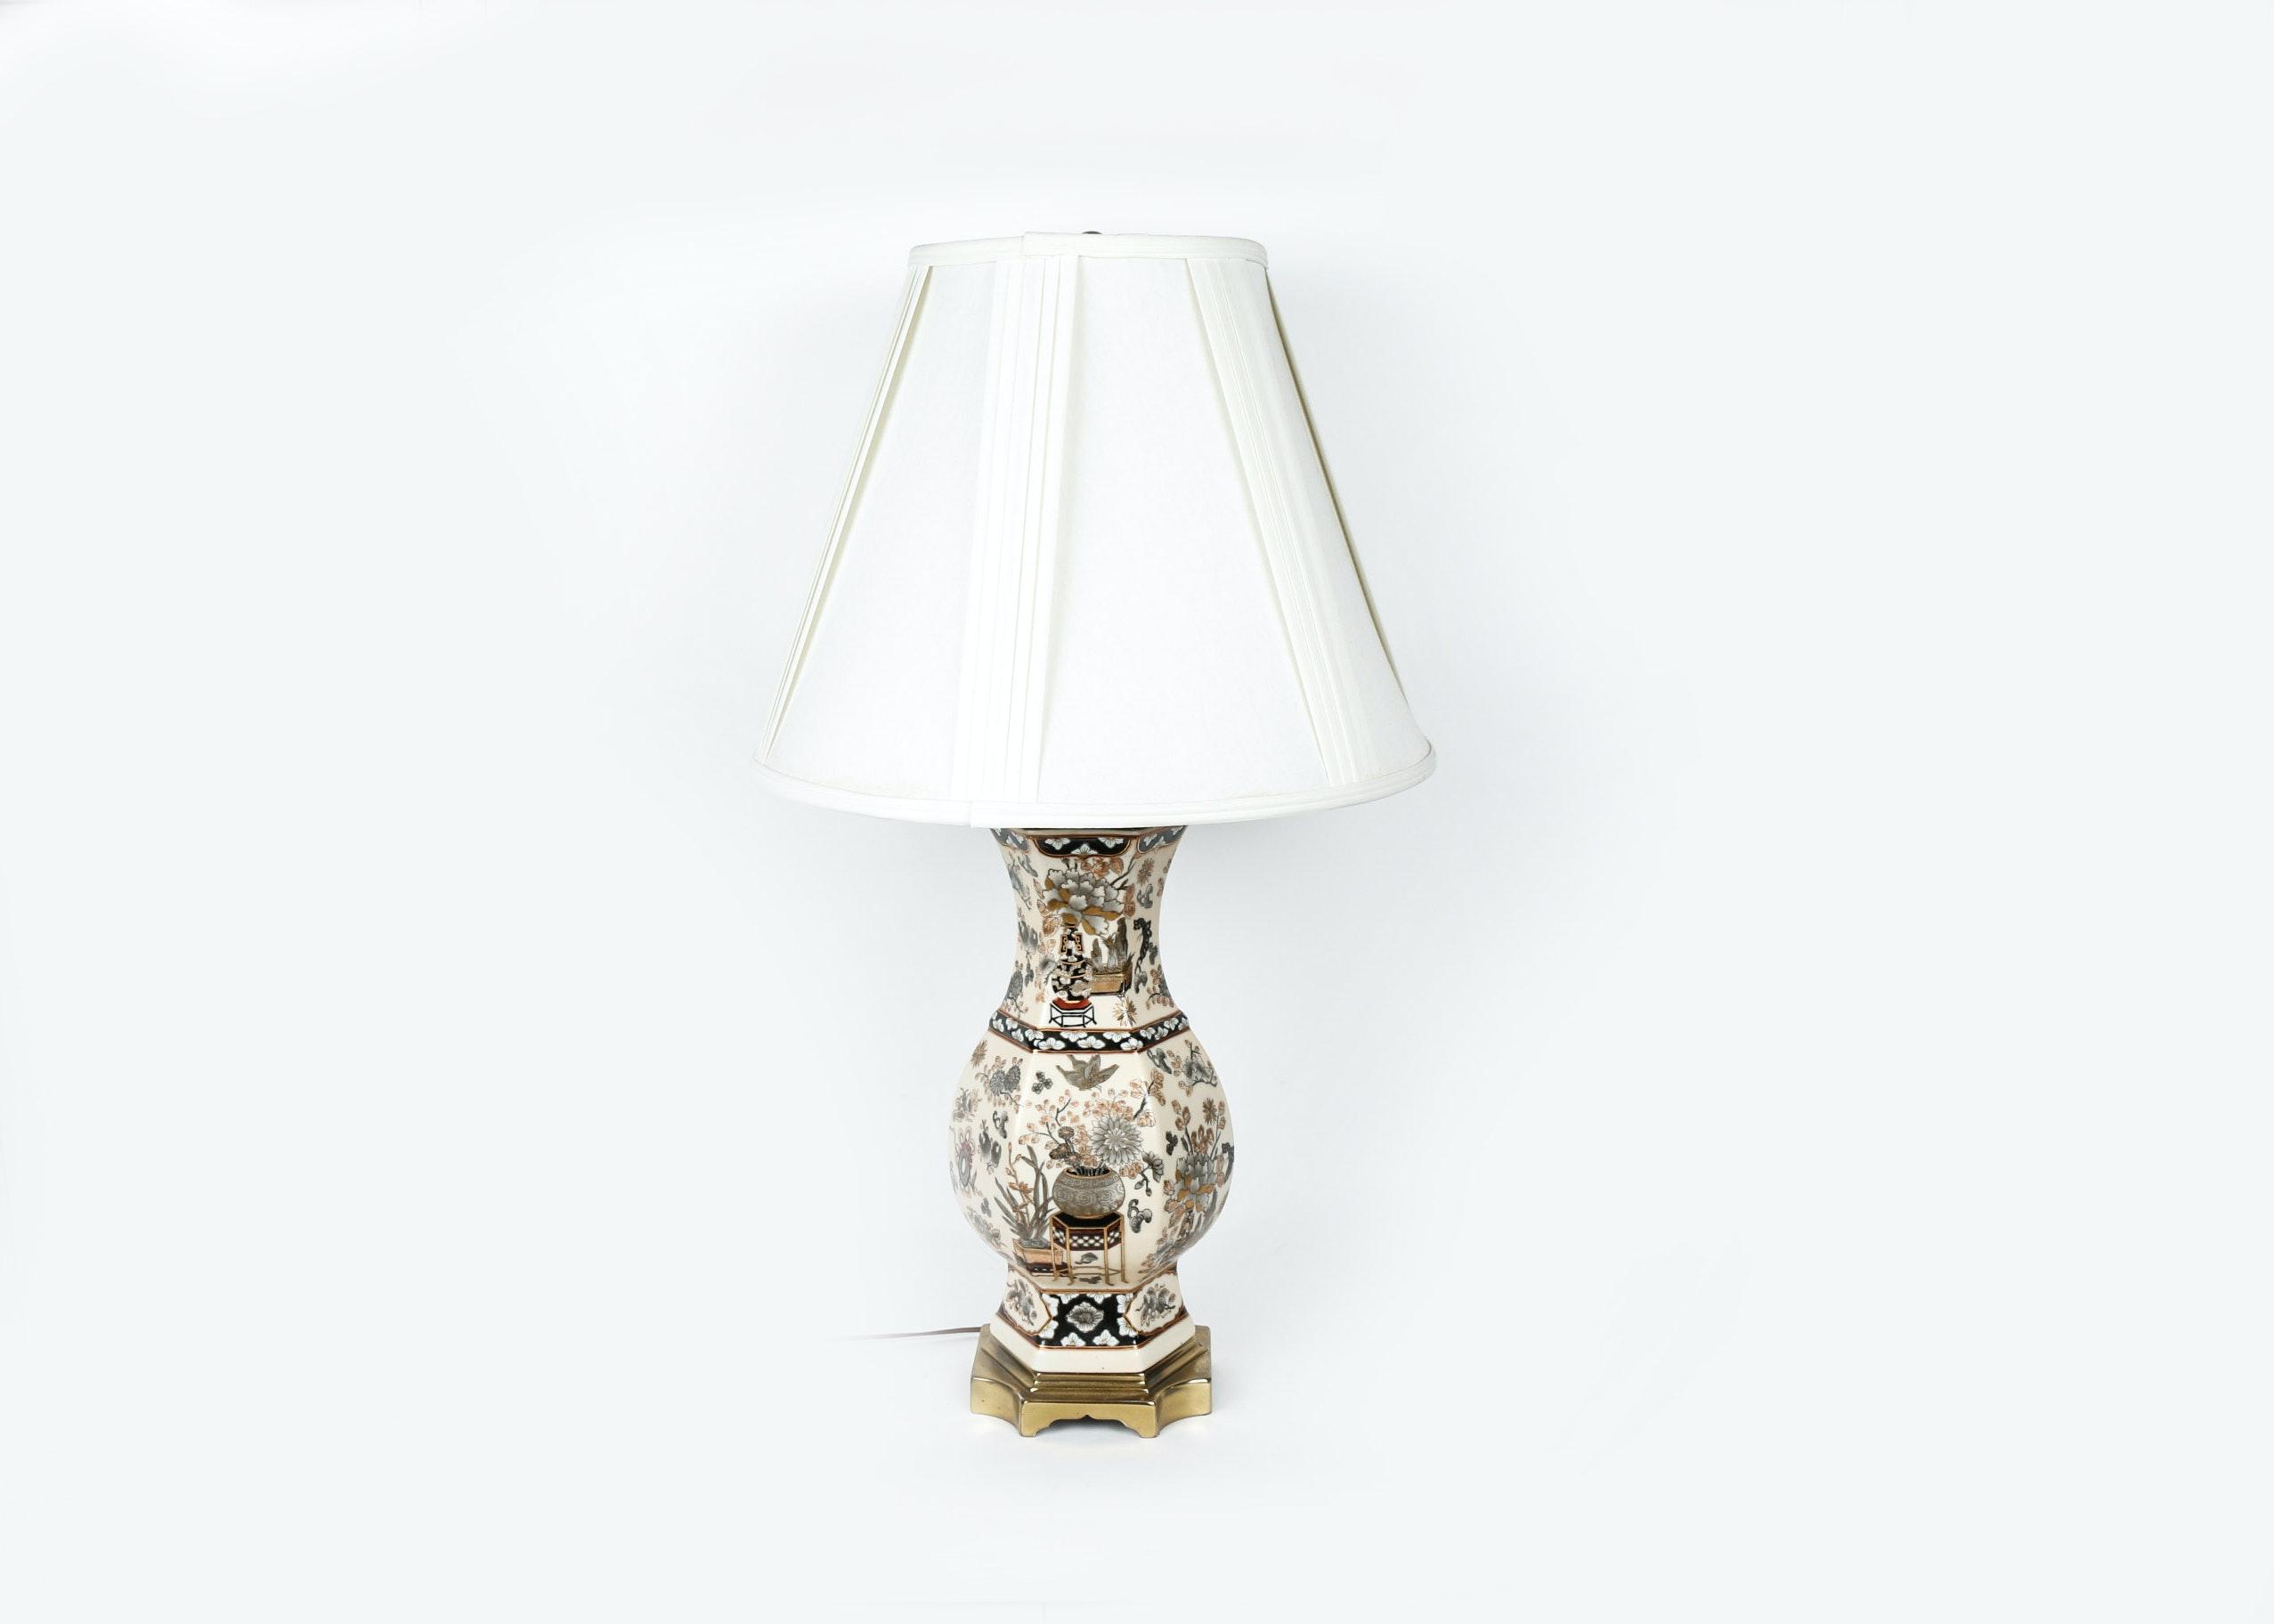 Asian Inspired Porcelain Lamp